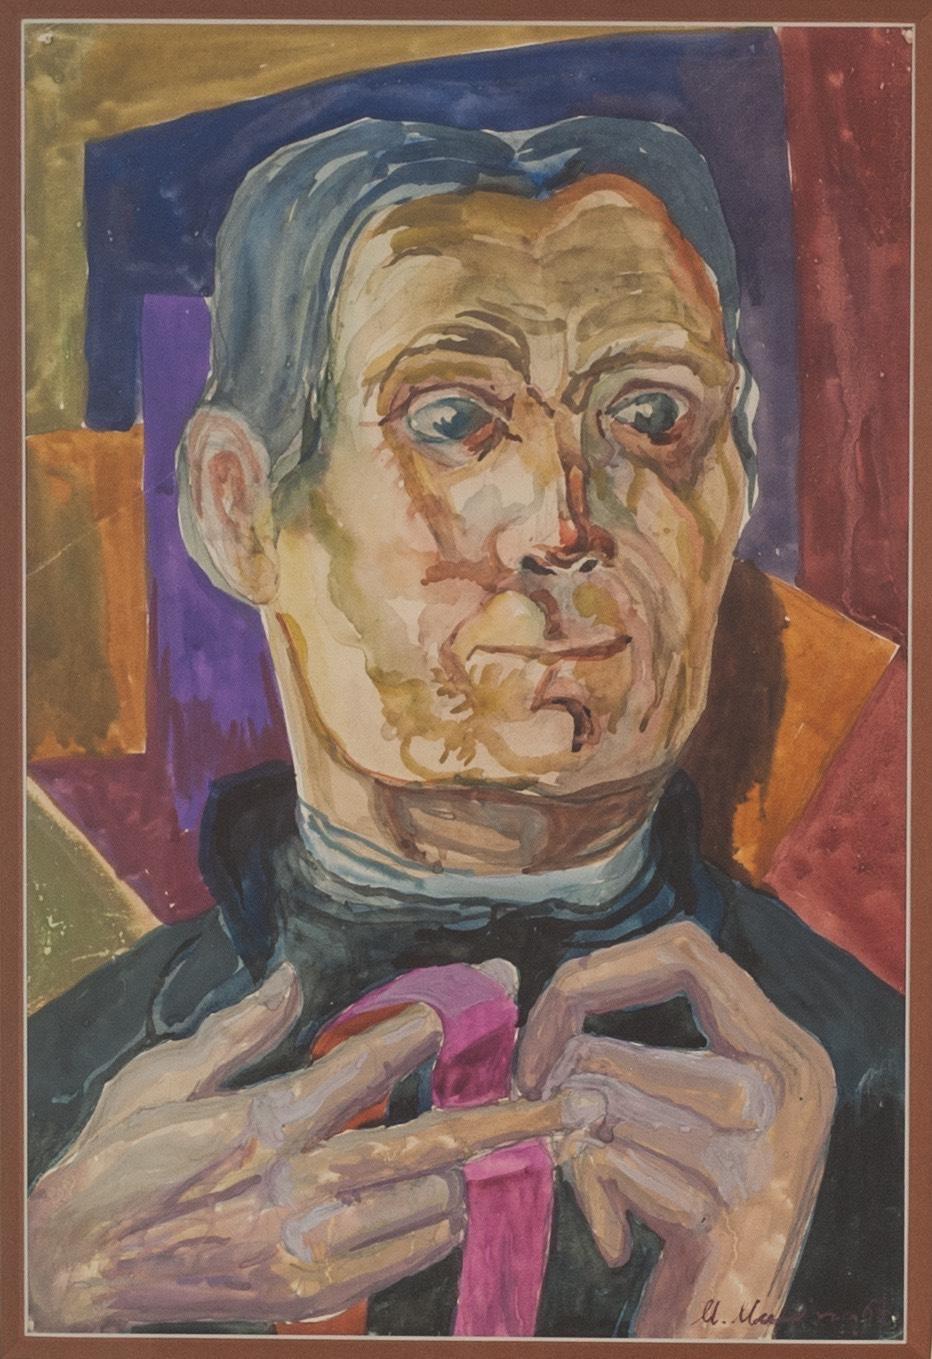 Autoportret podwójny, 1963 r.